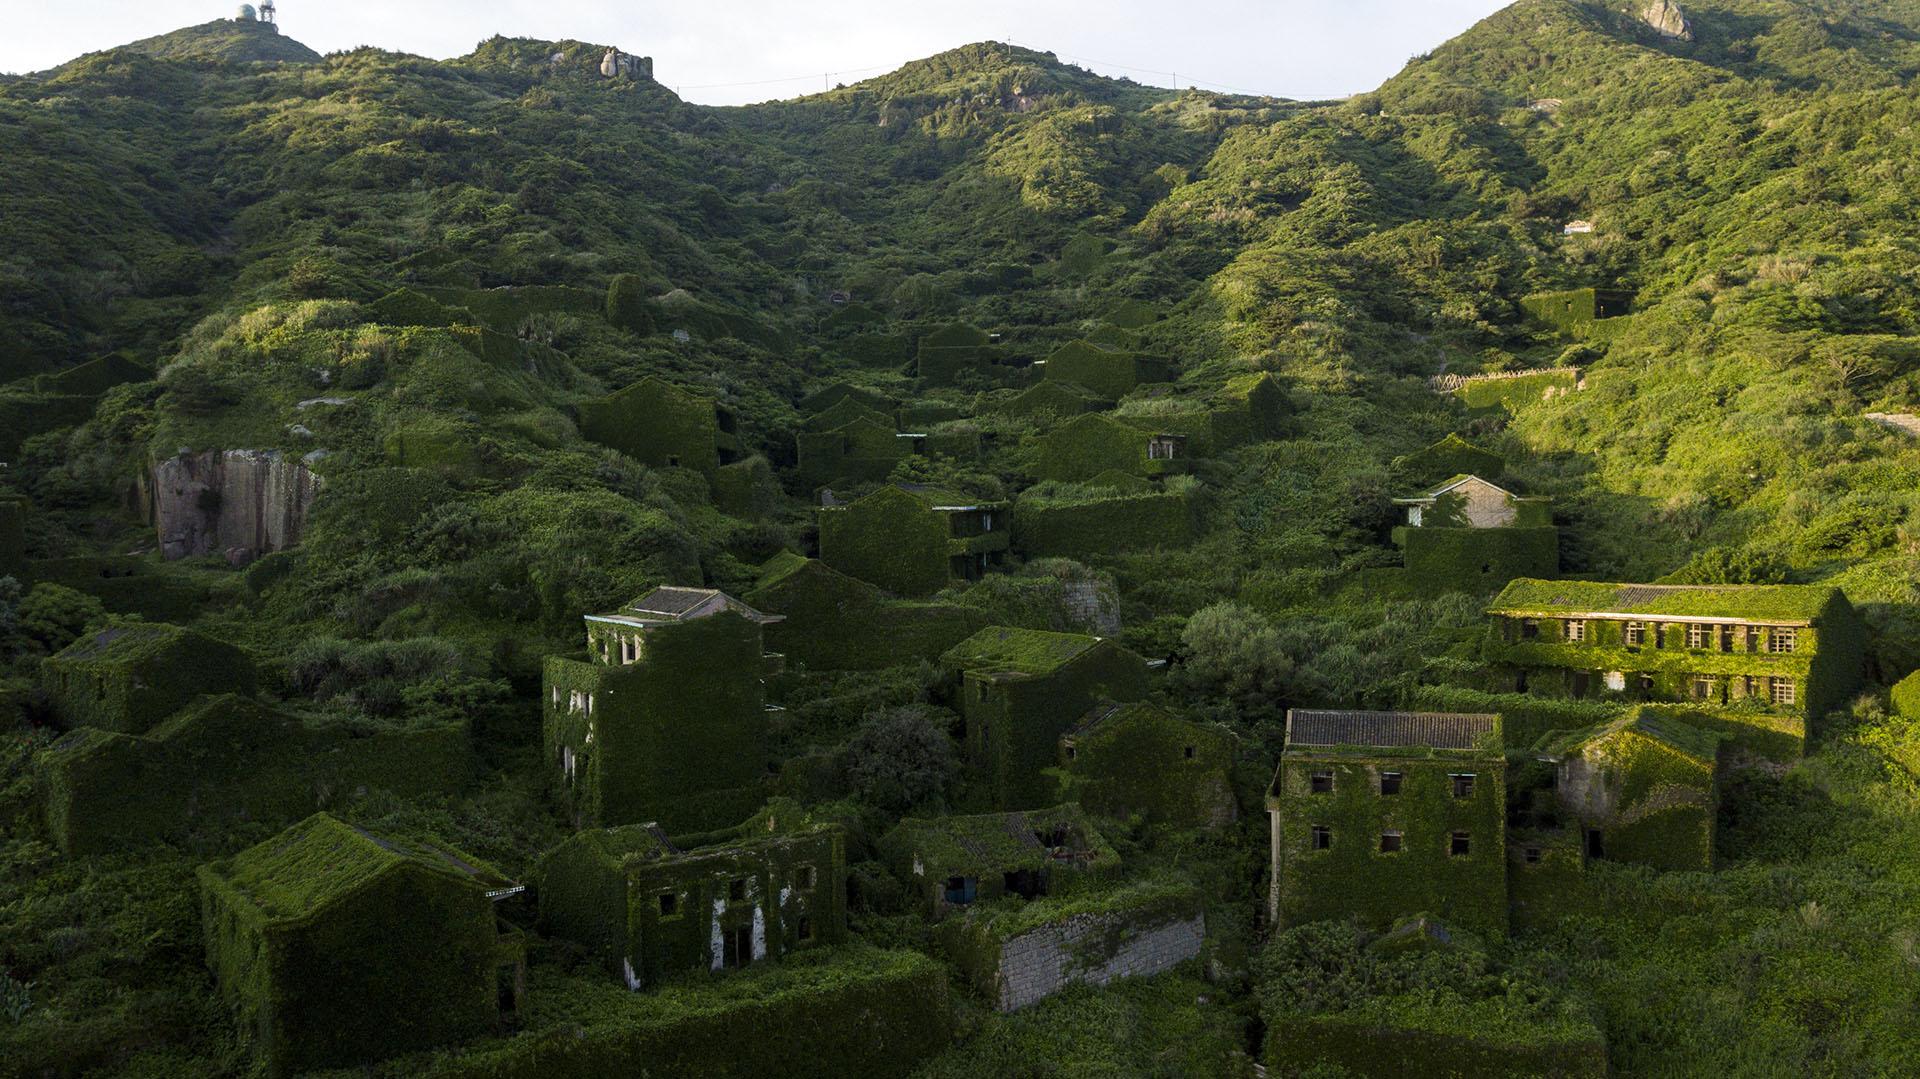 Ahora un manto de color esmeralda tapiza las calles y casas de ladrillo abandonadas